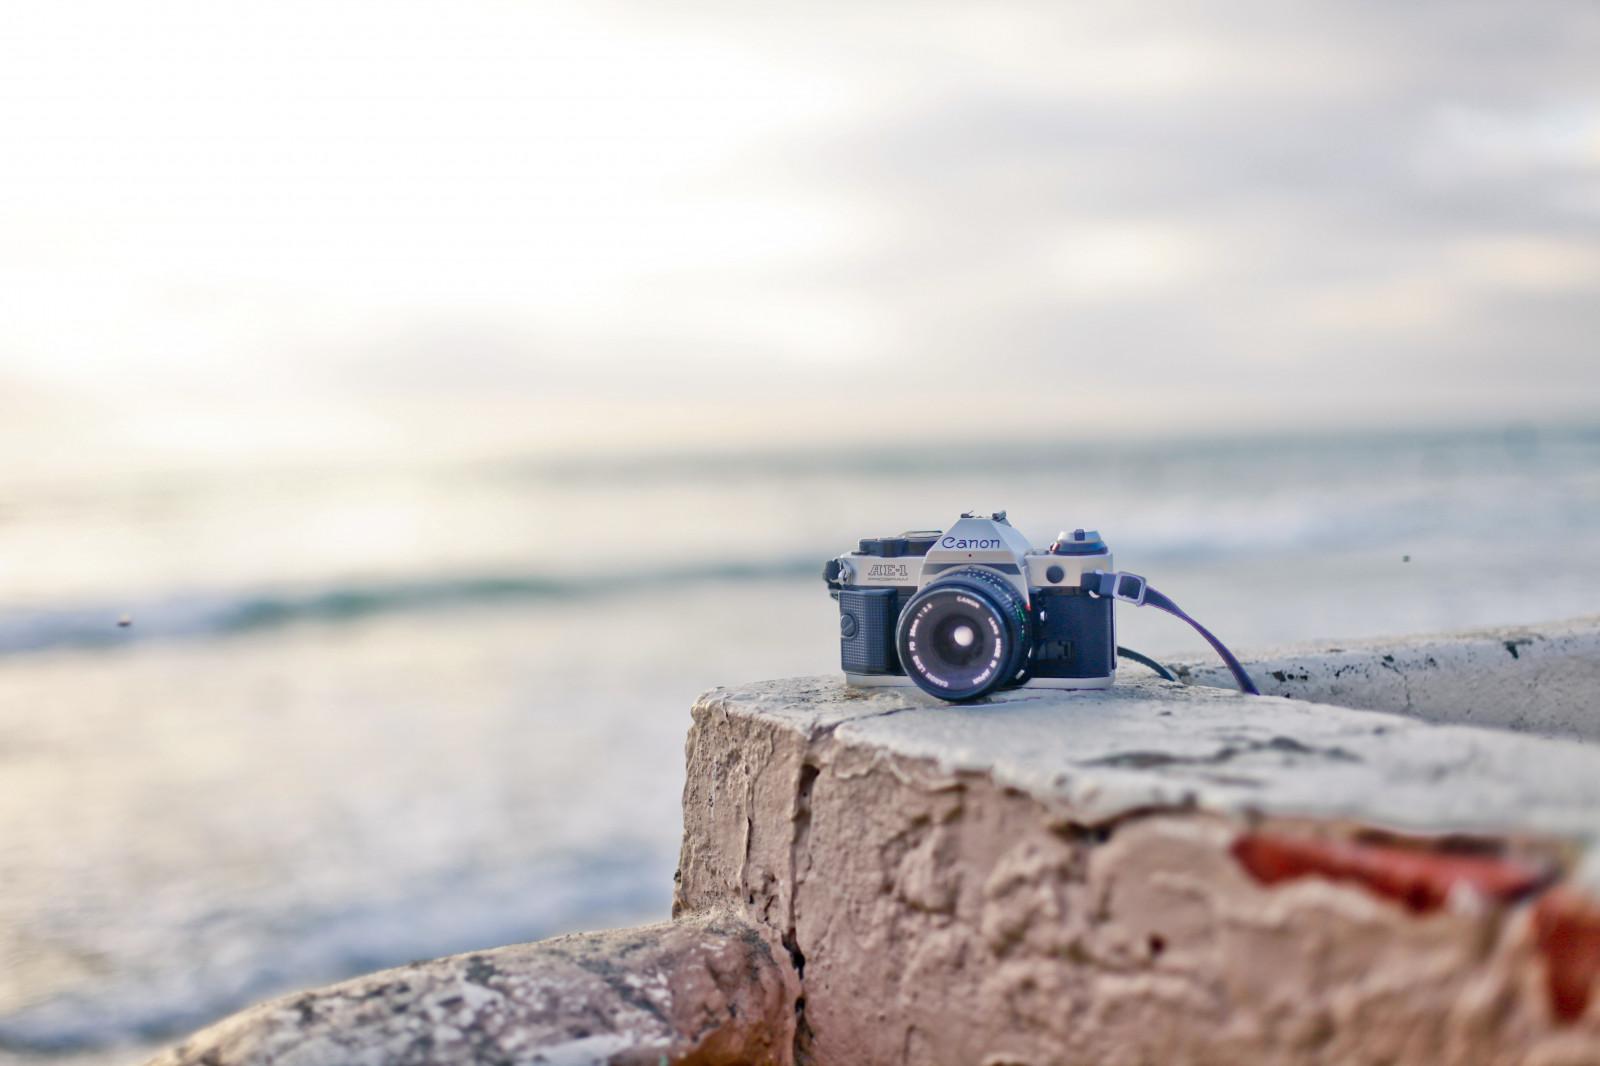 Скрытая камера на пляже в раздевалке приколы рады приветствовать